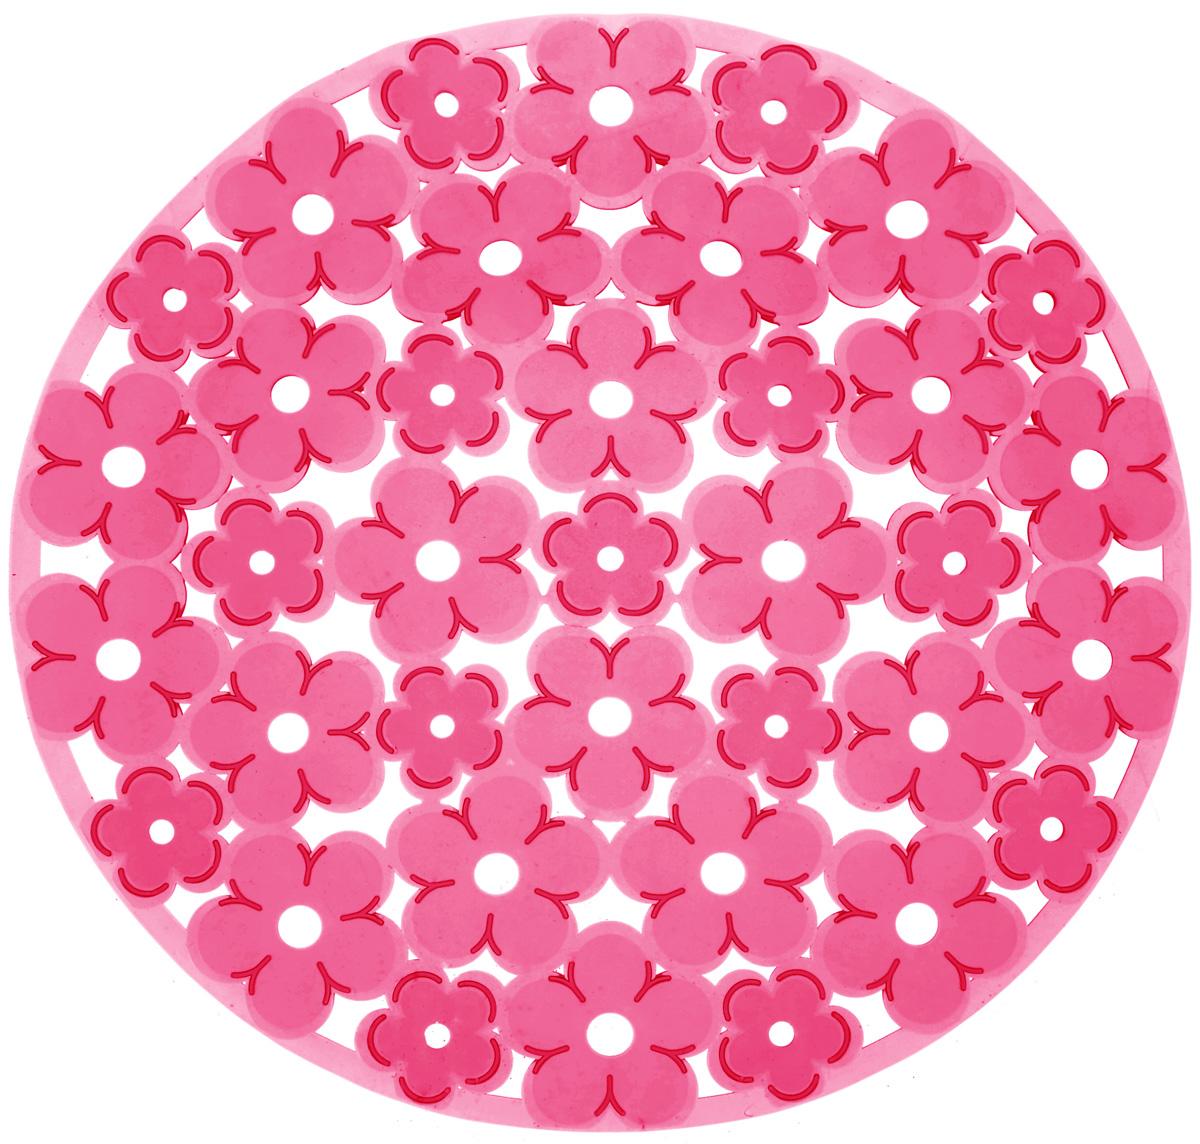 Коврик для раковины Metaltex, цвет: красный, диаметр 30 см28.75.37_красныйСтильный и удобный коврик для раковины Metaltex выполнен из ПВХ.Он одновременно выполняет несколько функций: украшает, предотвращаетпоявление на раковине царапин и сколов, защищает посуду от повреждений припадении в раковину, удерживает мусор, попадание которого в слив приводит кзасорам. Изделие также обладает противоскользящим эффектом и можетиспользоваться в качестве подставки для сушки чистой посуды. Легко очищаетсяот грязи и жира.Диаметр: 30 см.